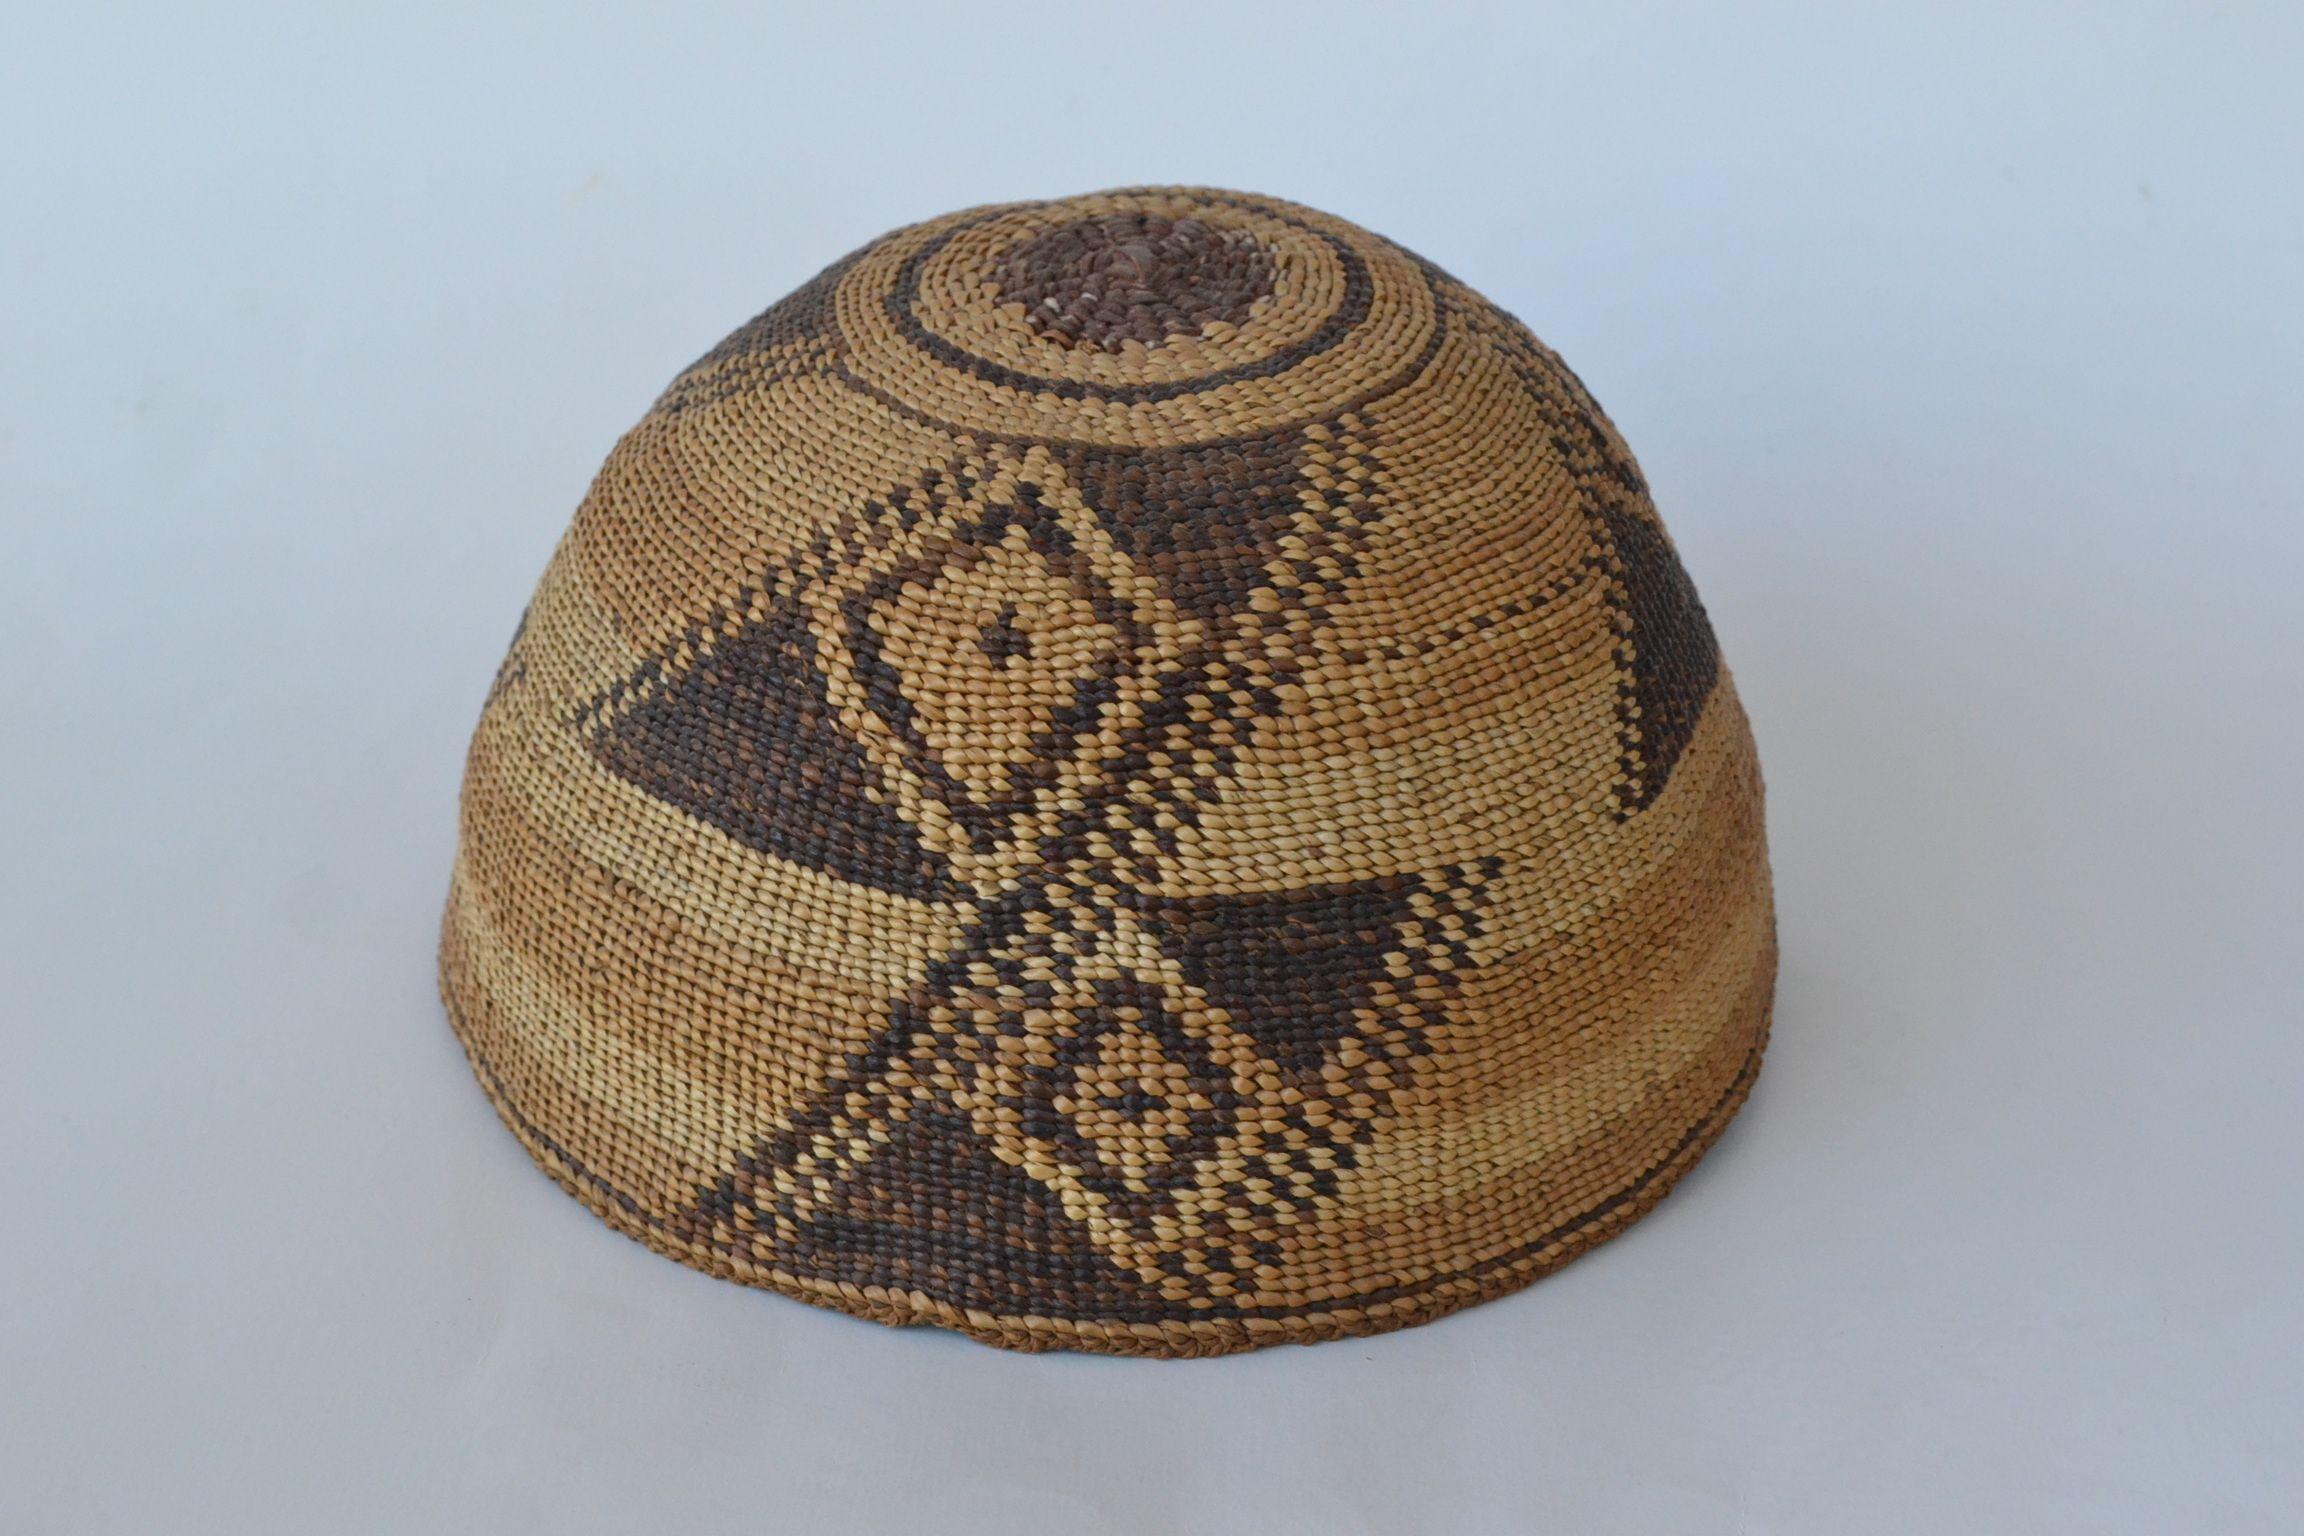 authentic indian woven hats klamath modoc woven basket hat